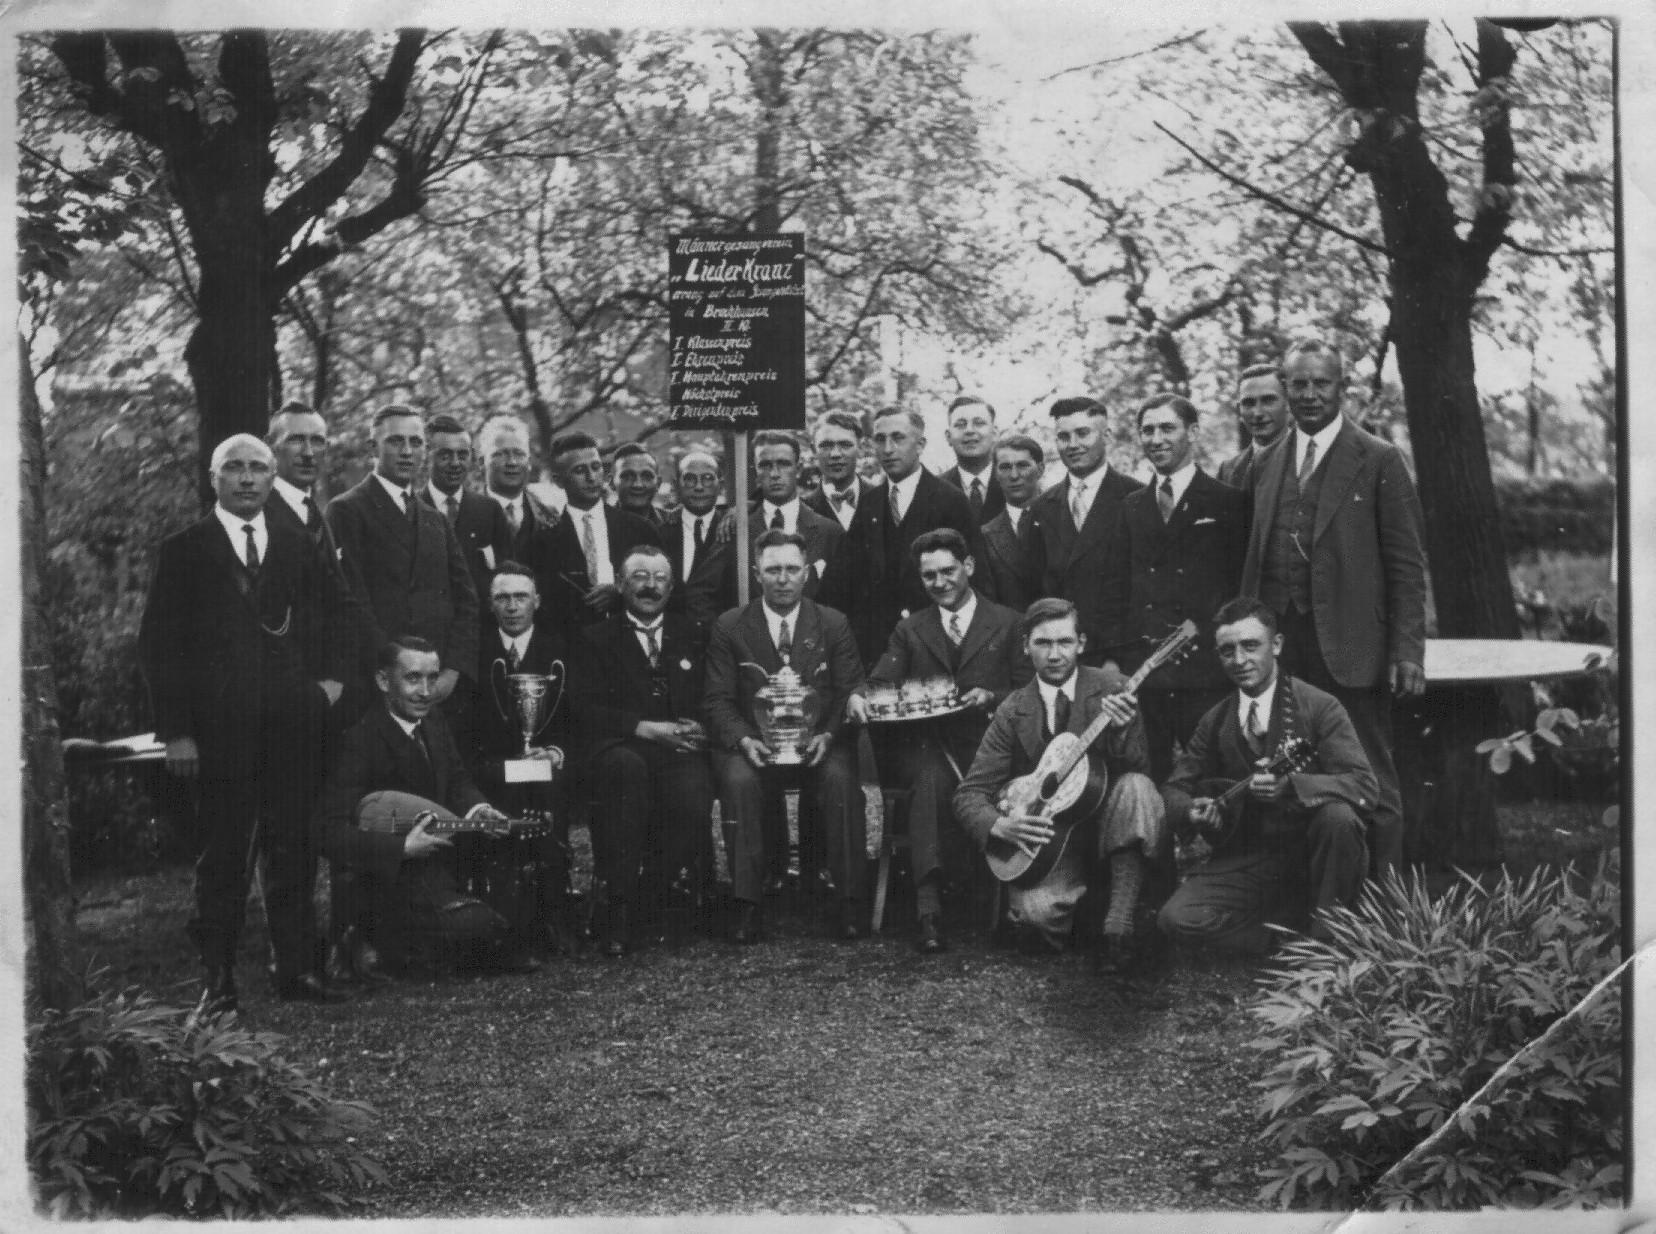 Wettstreit Bruchhausen 1932